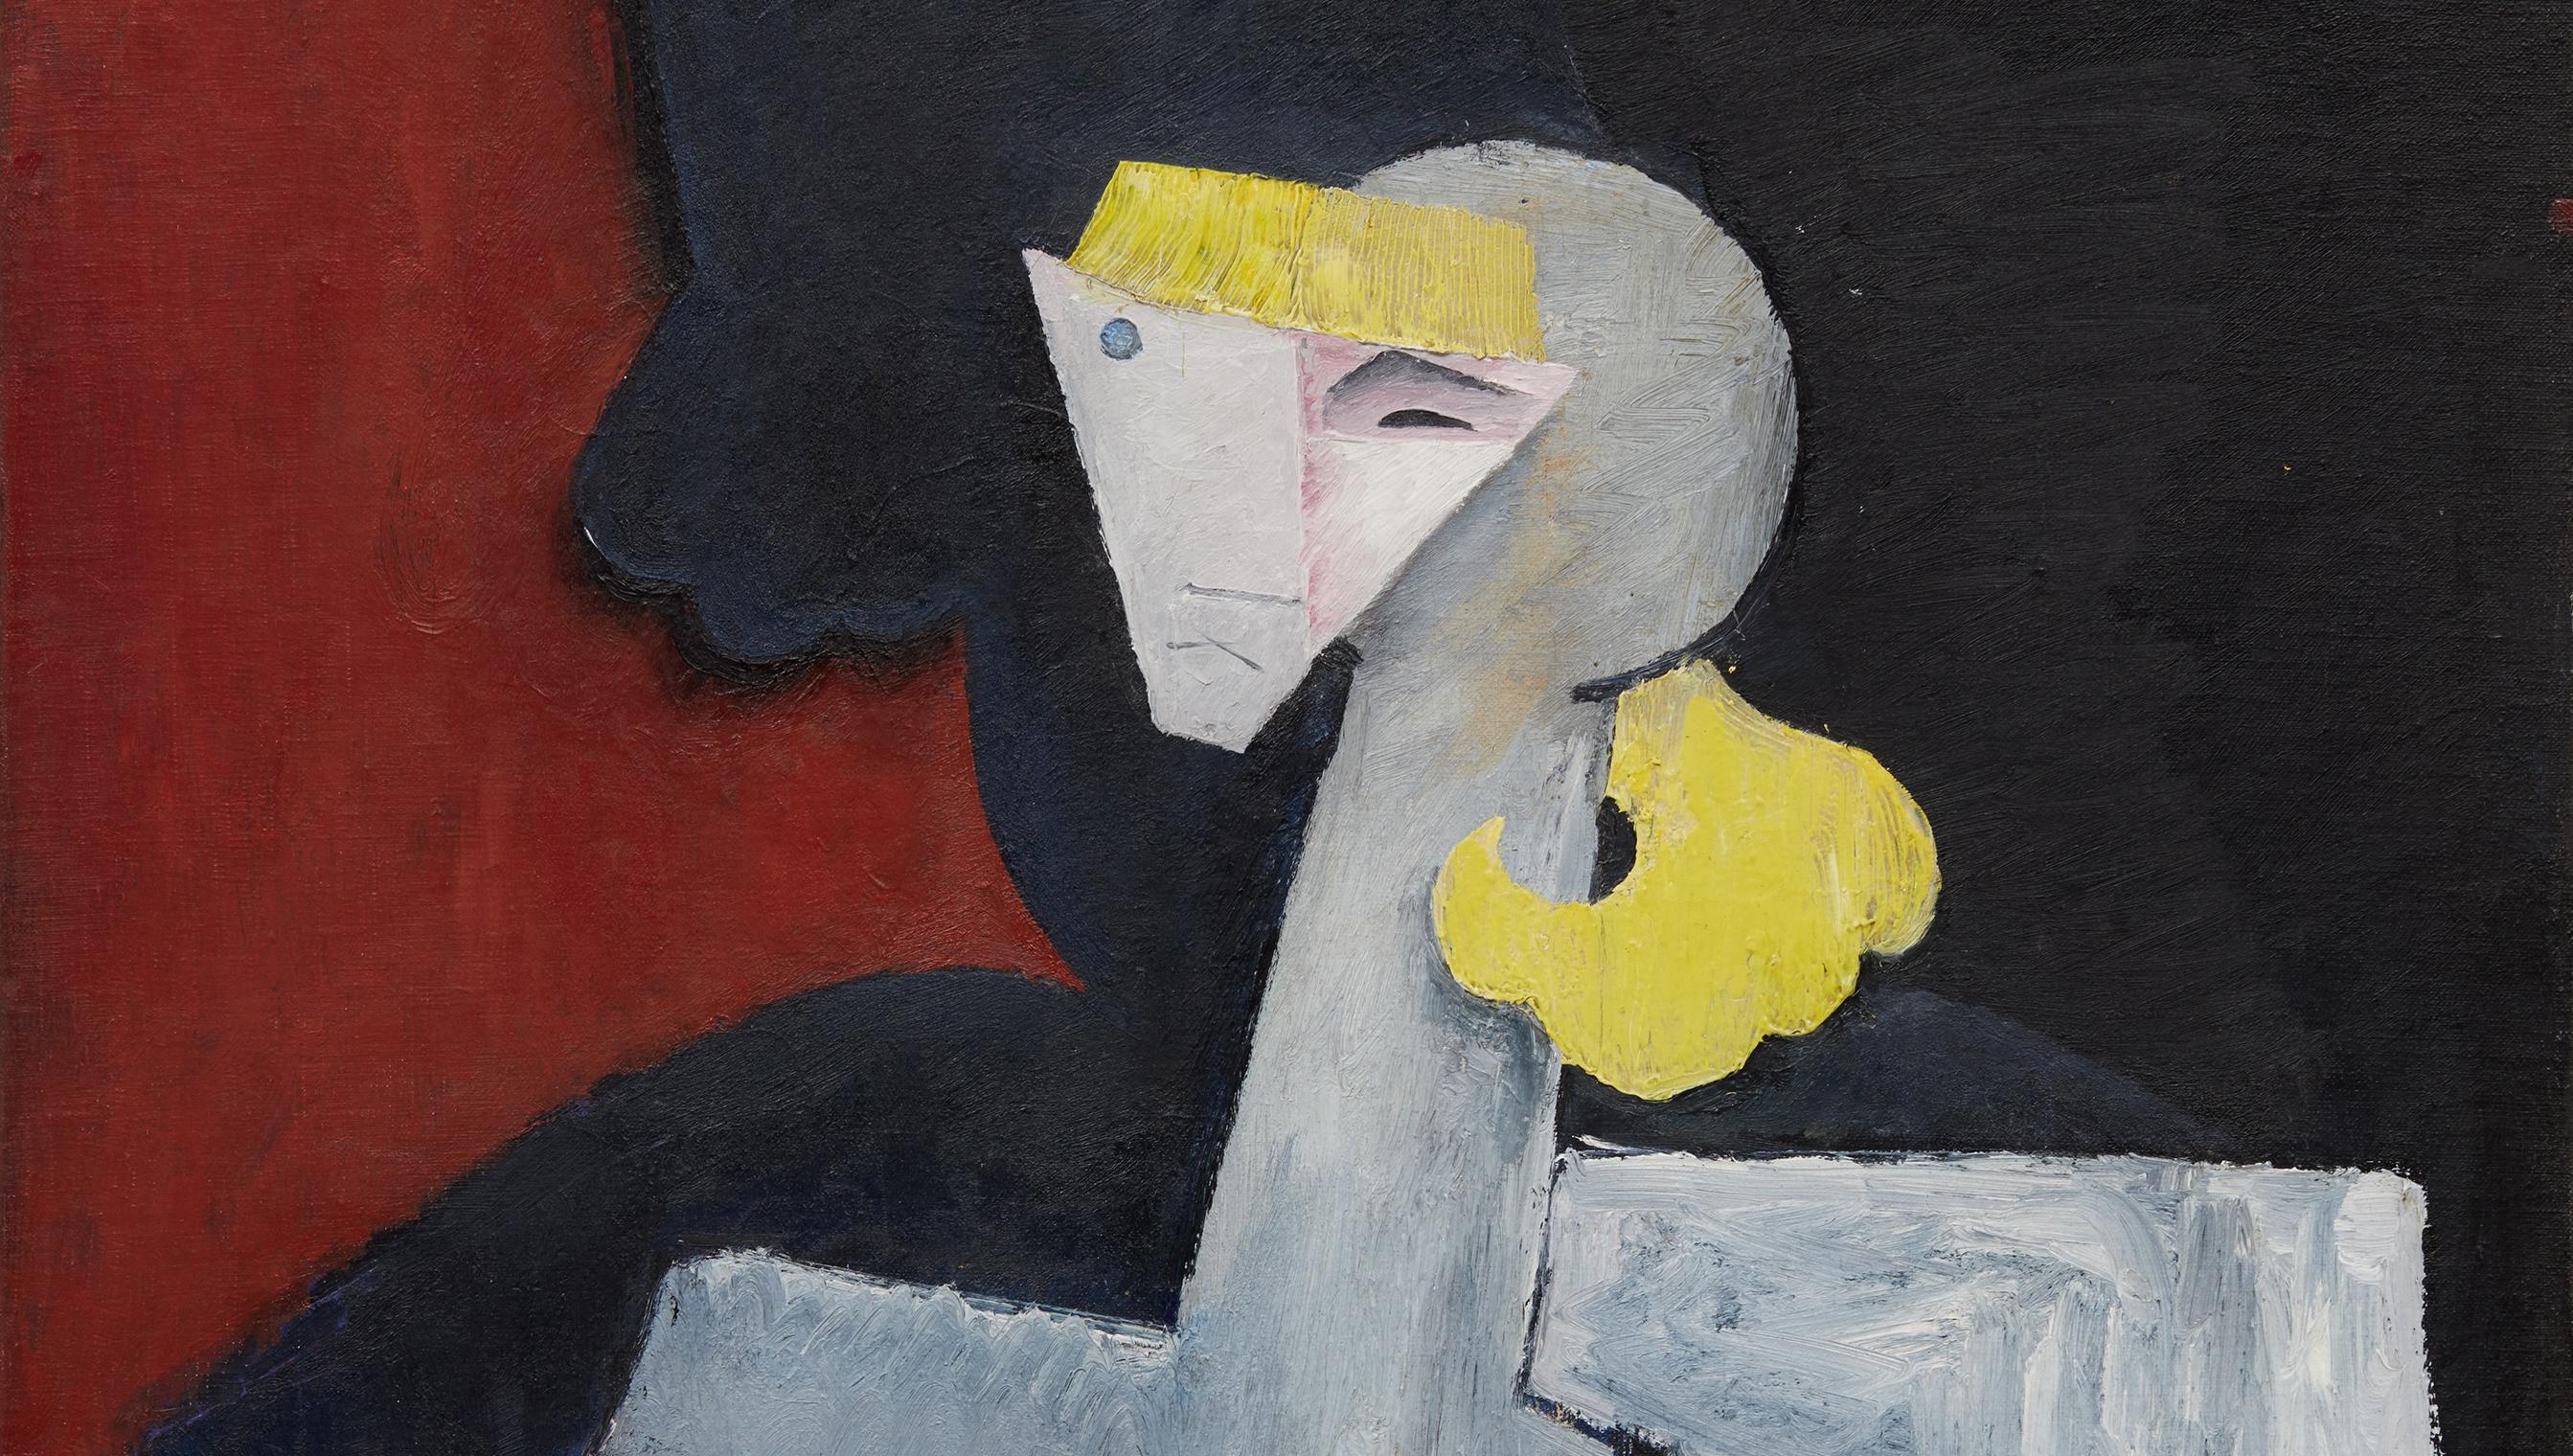 La mujer sus amantes y el cornudo - 1 part 8